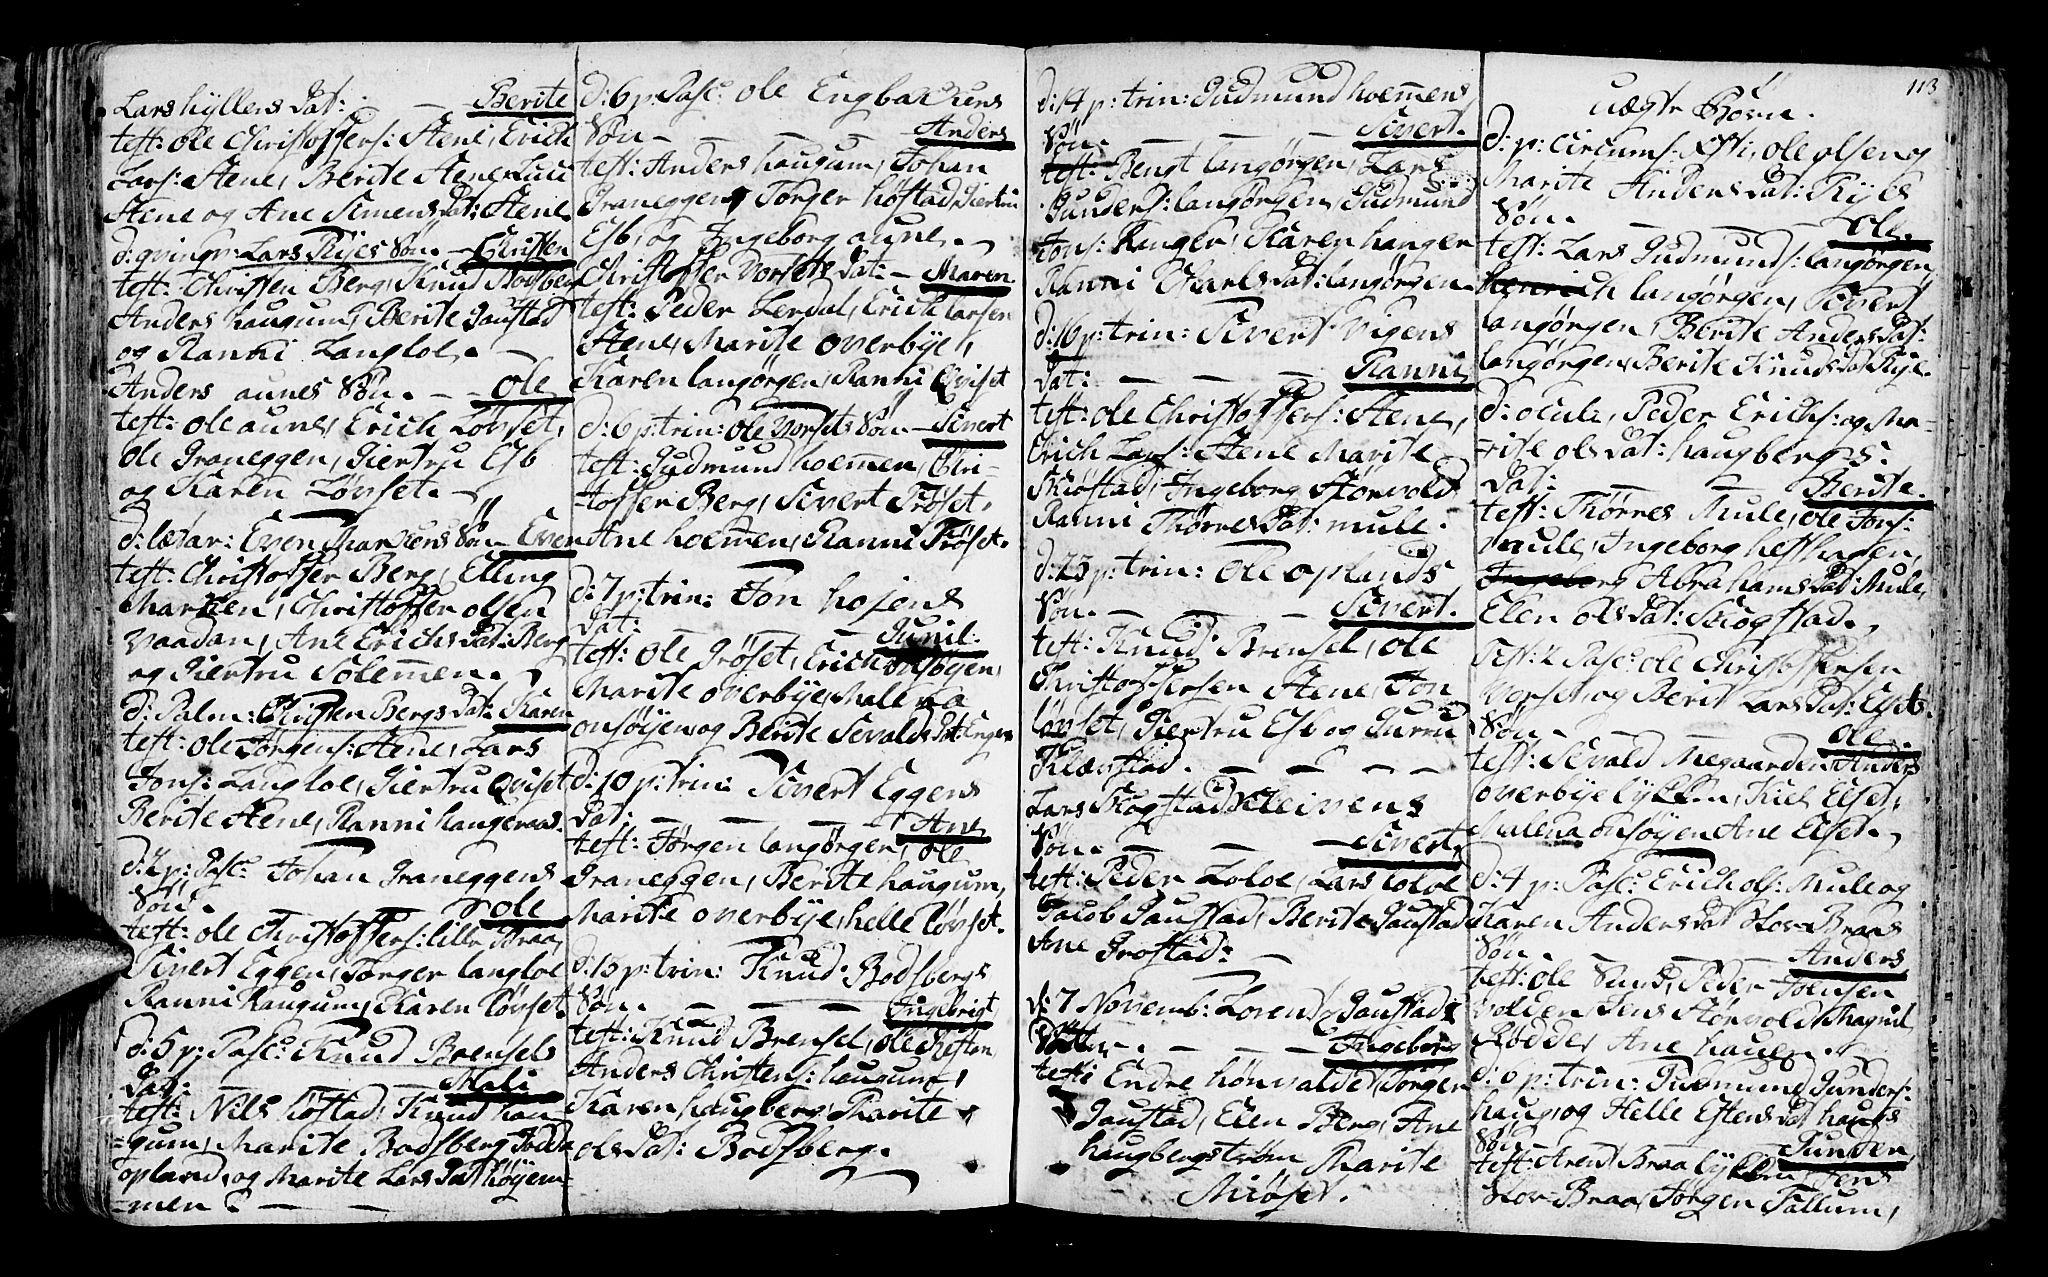 SAT, Ministerialprotokoller, klokkerbøker og fødselsregistre - Sør-Trøndelag, 612/L0370: Ministerialbok nr. 612A04, 1754-1802, s. 113